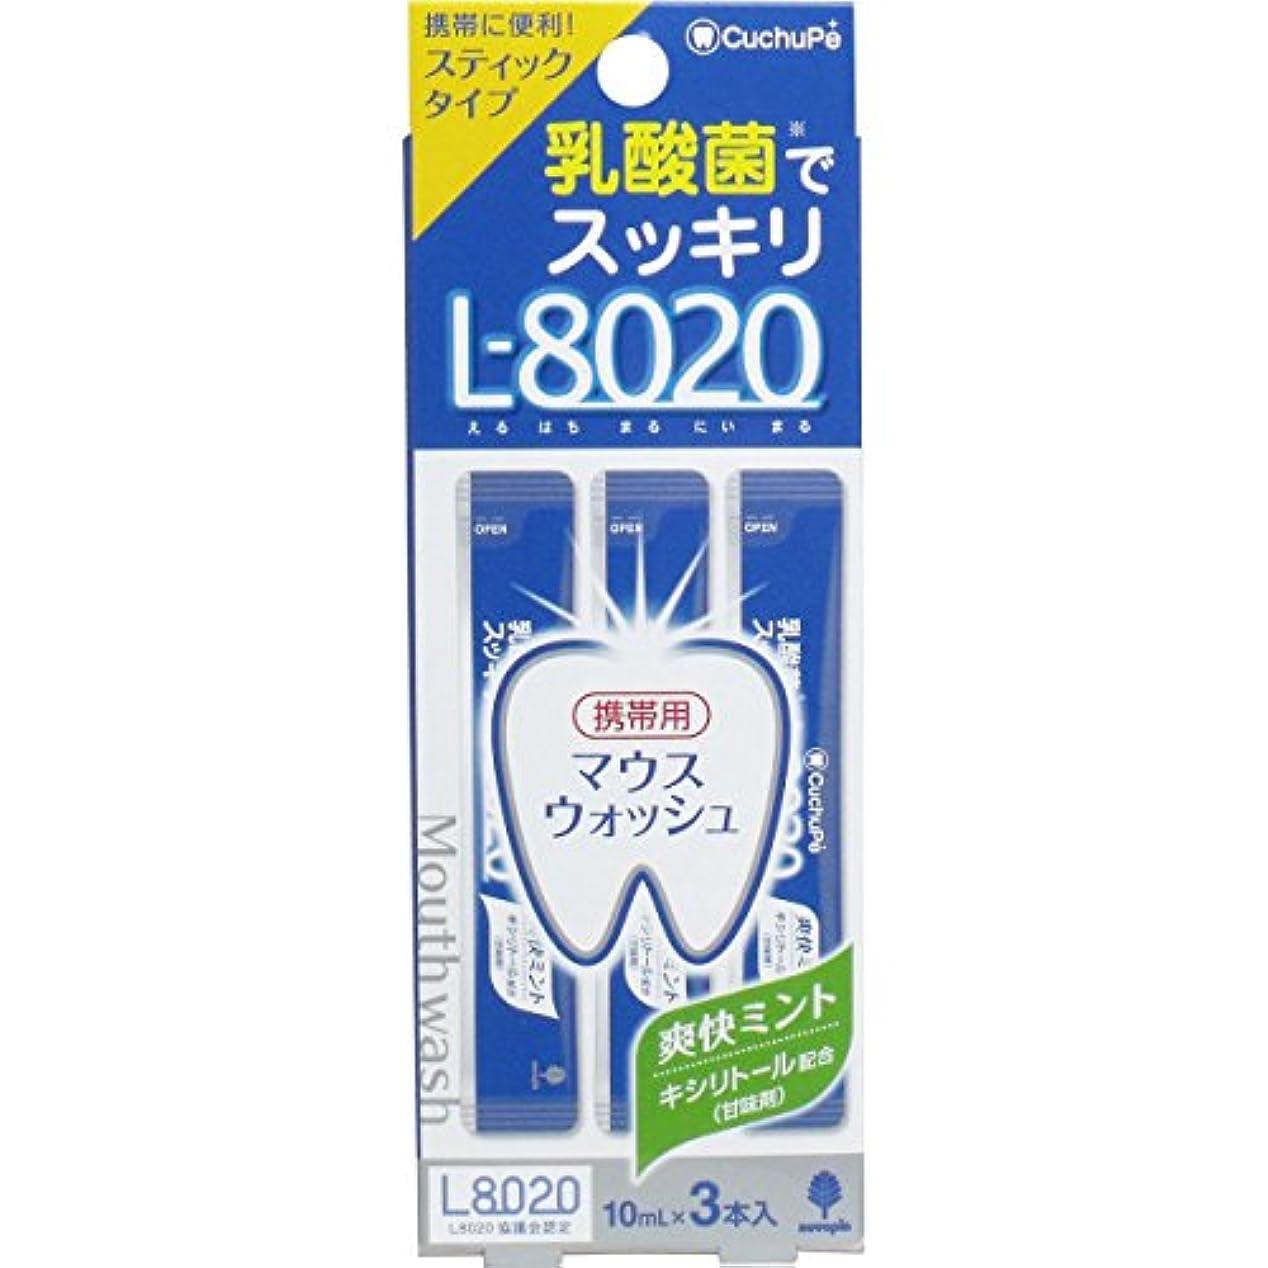 ペッカディロ抜本的な打倒紀陽除虫菊 クチュッペ L-8020 マウスウォッシュ 爽快ミント スティックタイプ 10mL*3本入 4971902070872